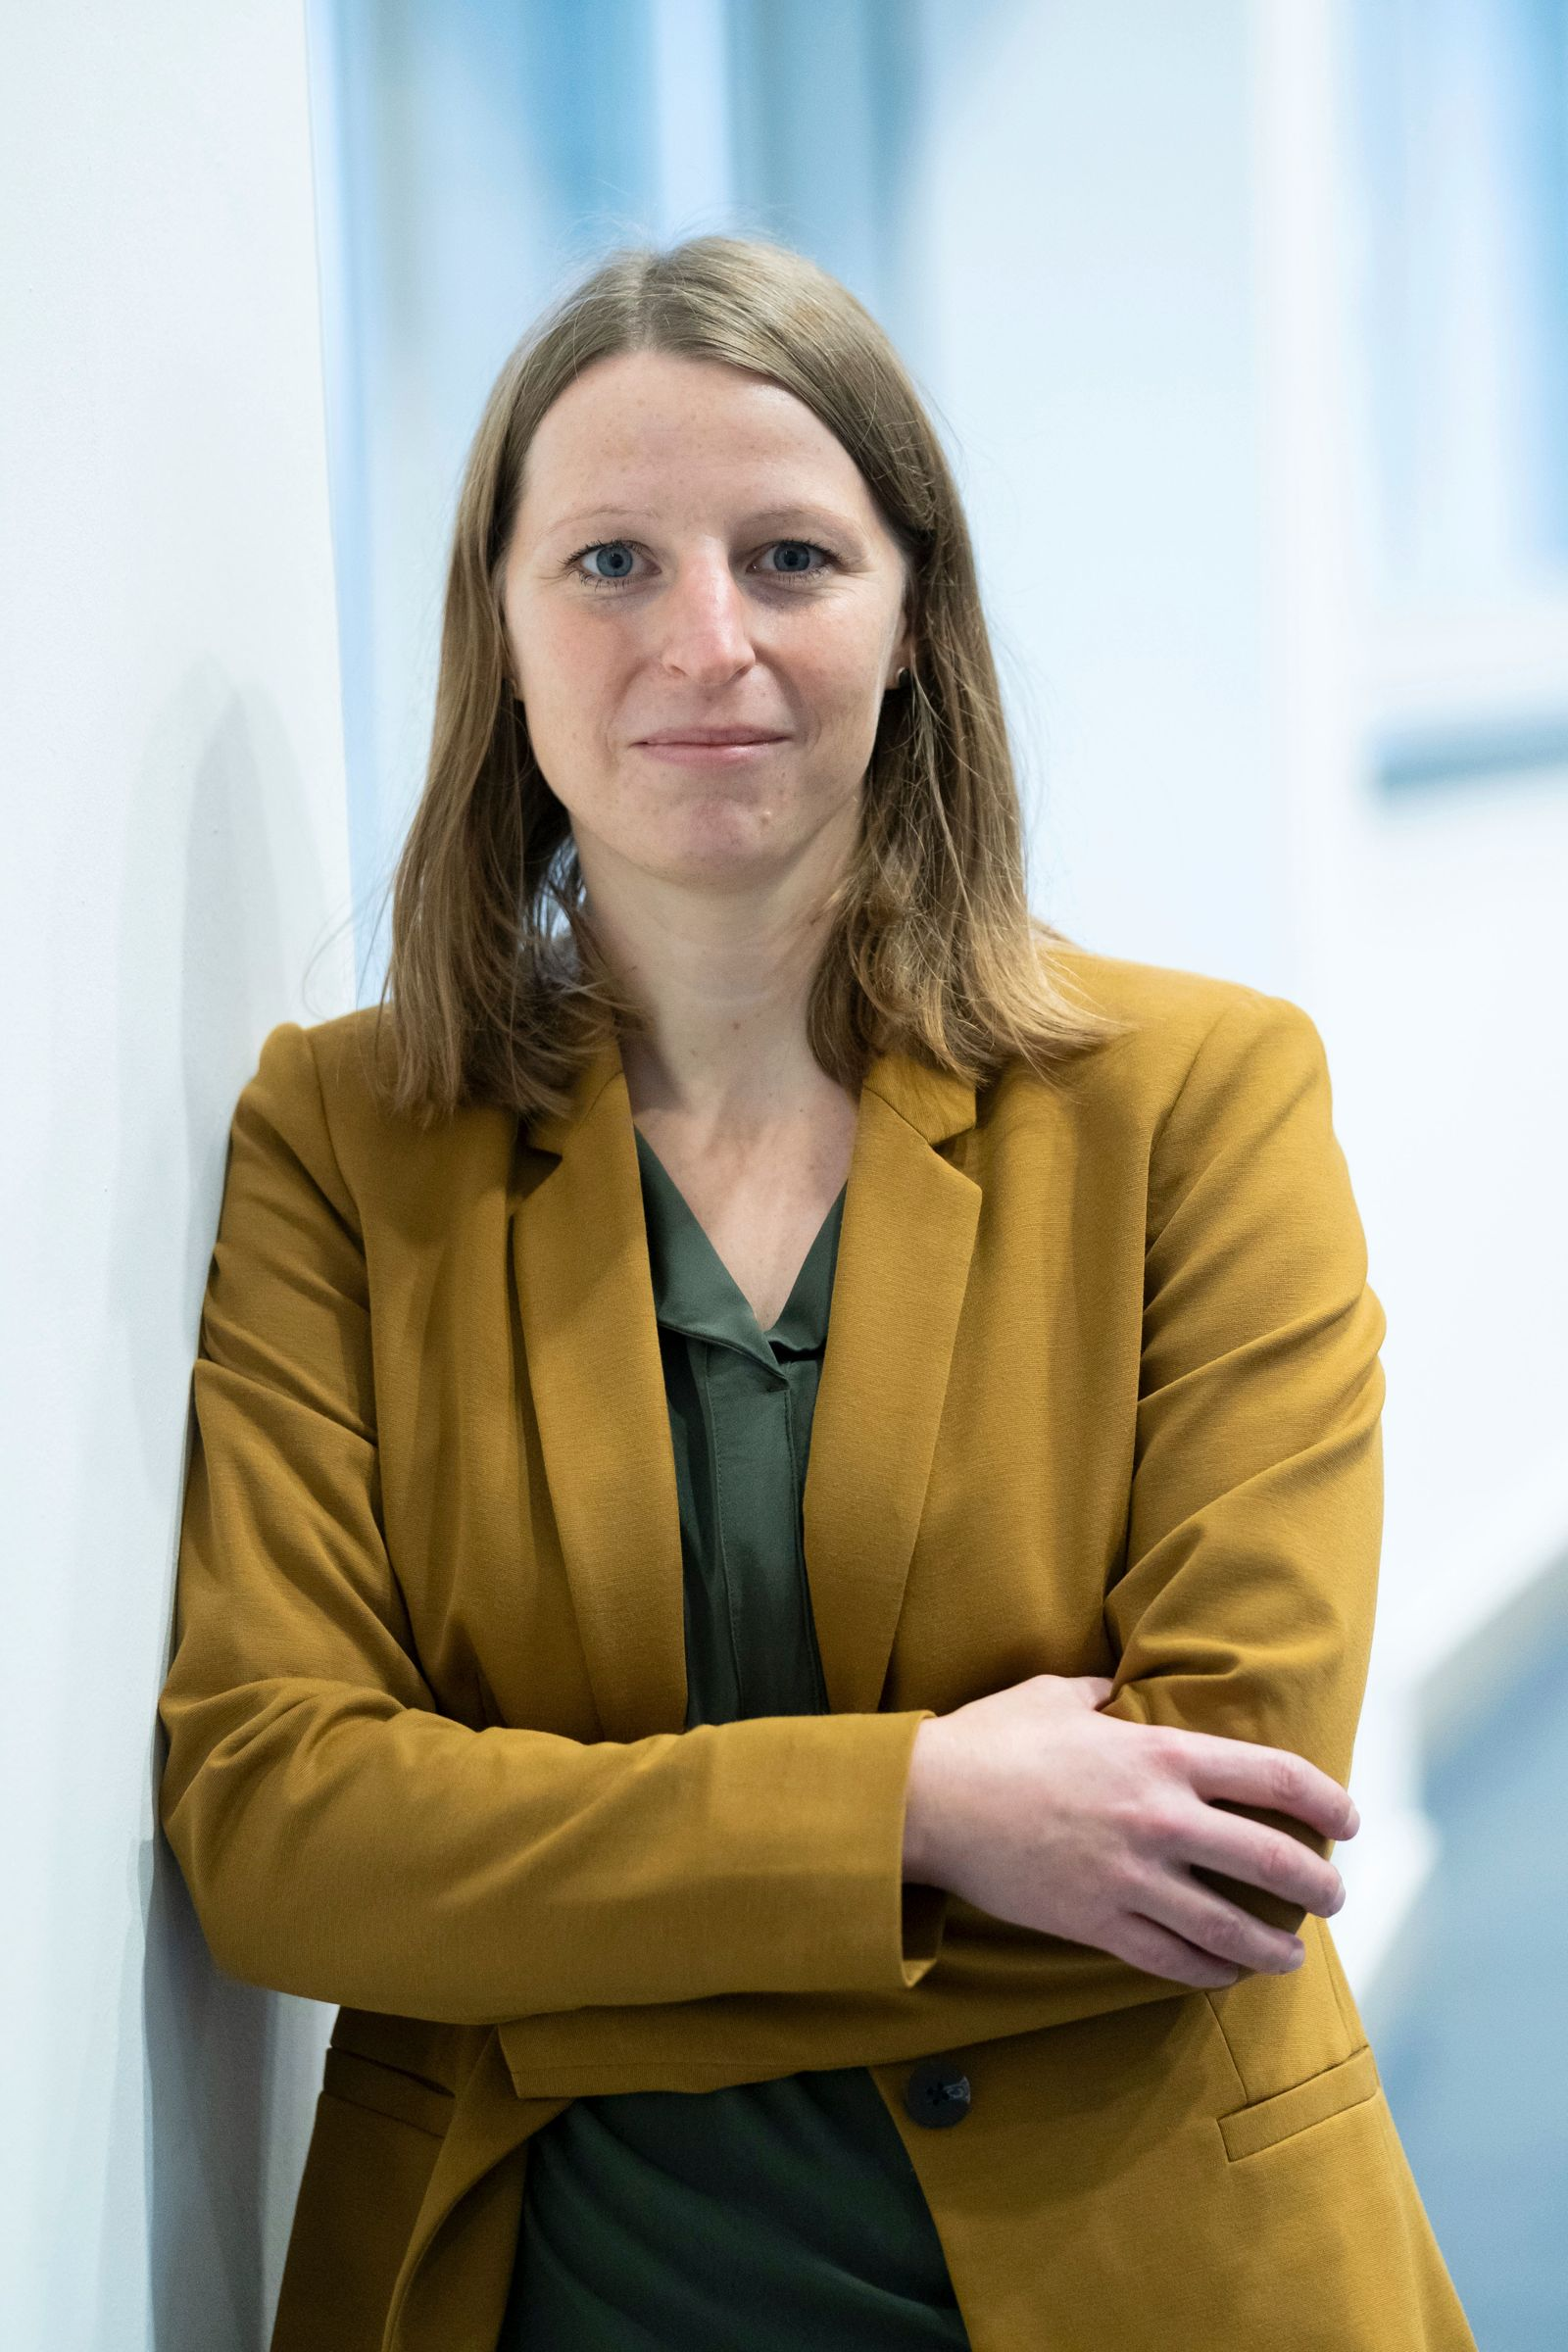 Radprofessorin Jana Kühl